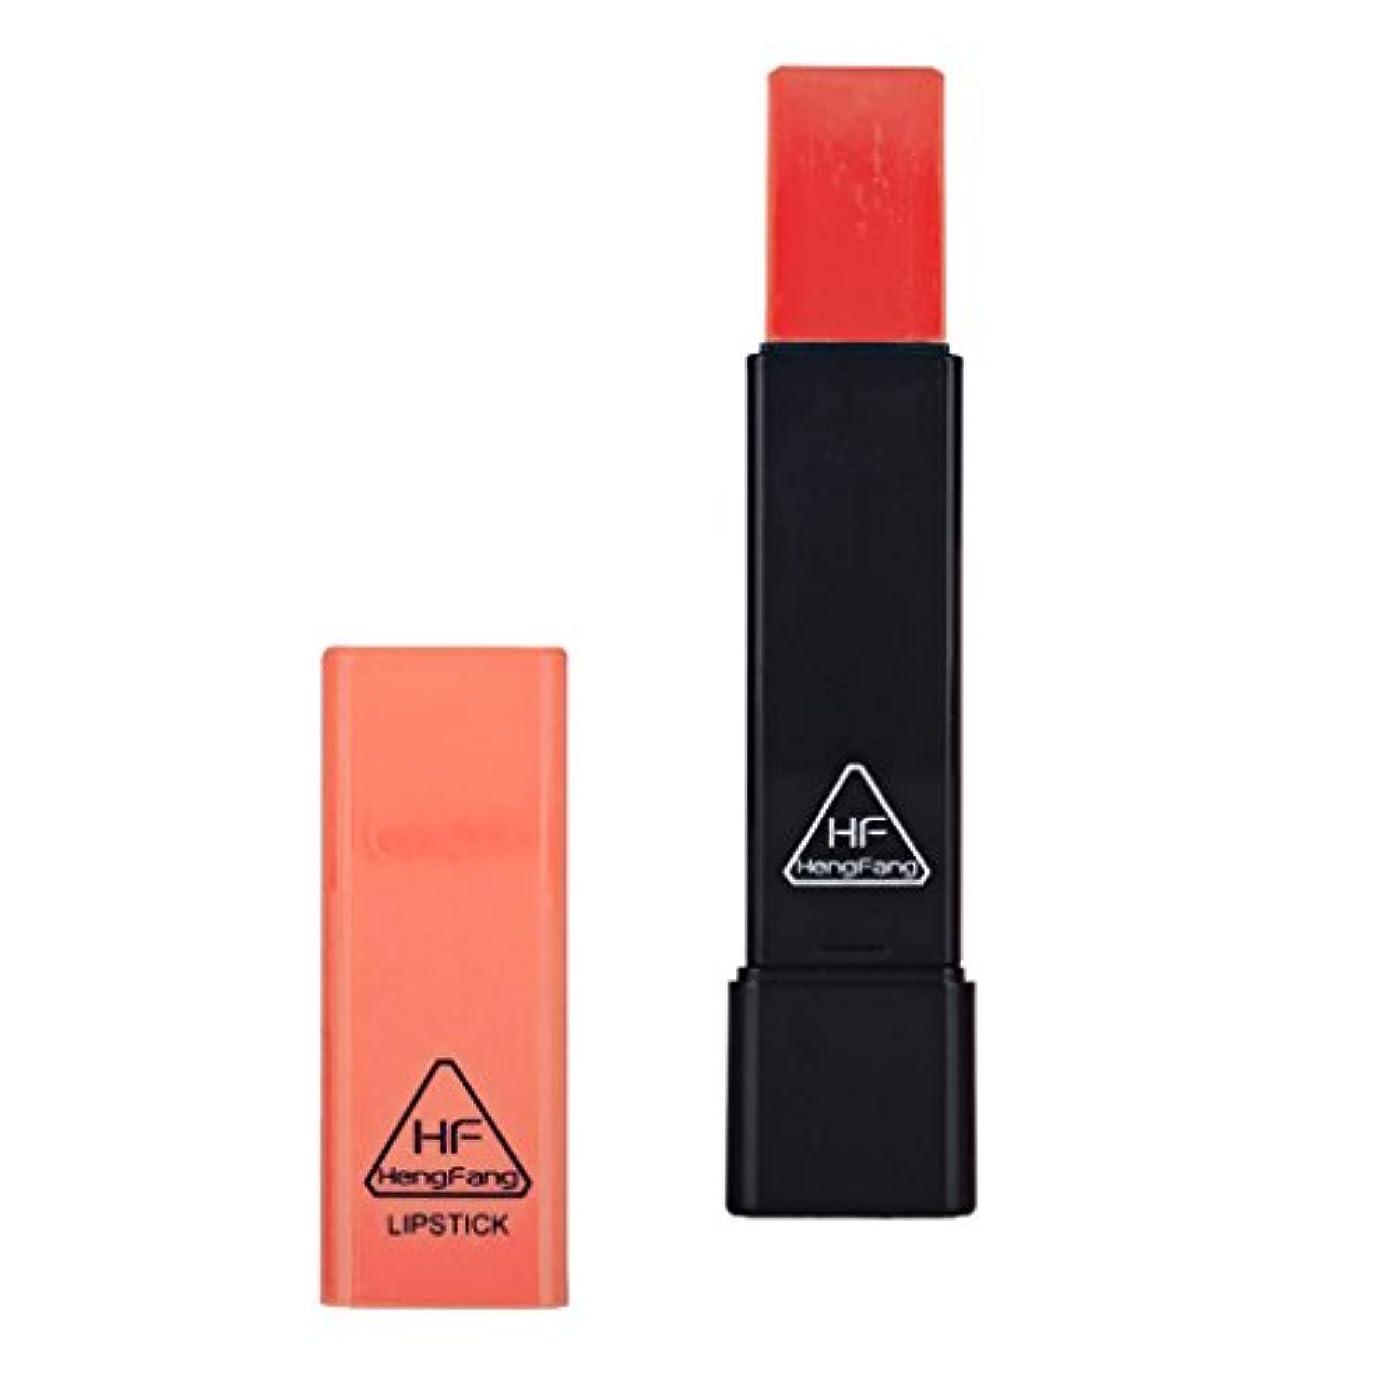 燃やす優雅強化するリップスティック リップグロス トライアングル 口紅 ナチュラル 長持ち 保湿 6色選べ - グレープフルーツ